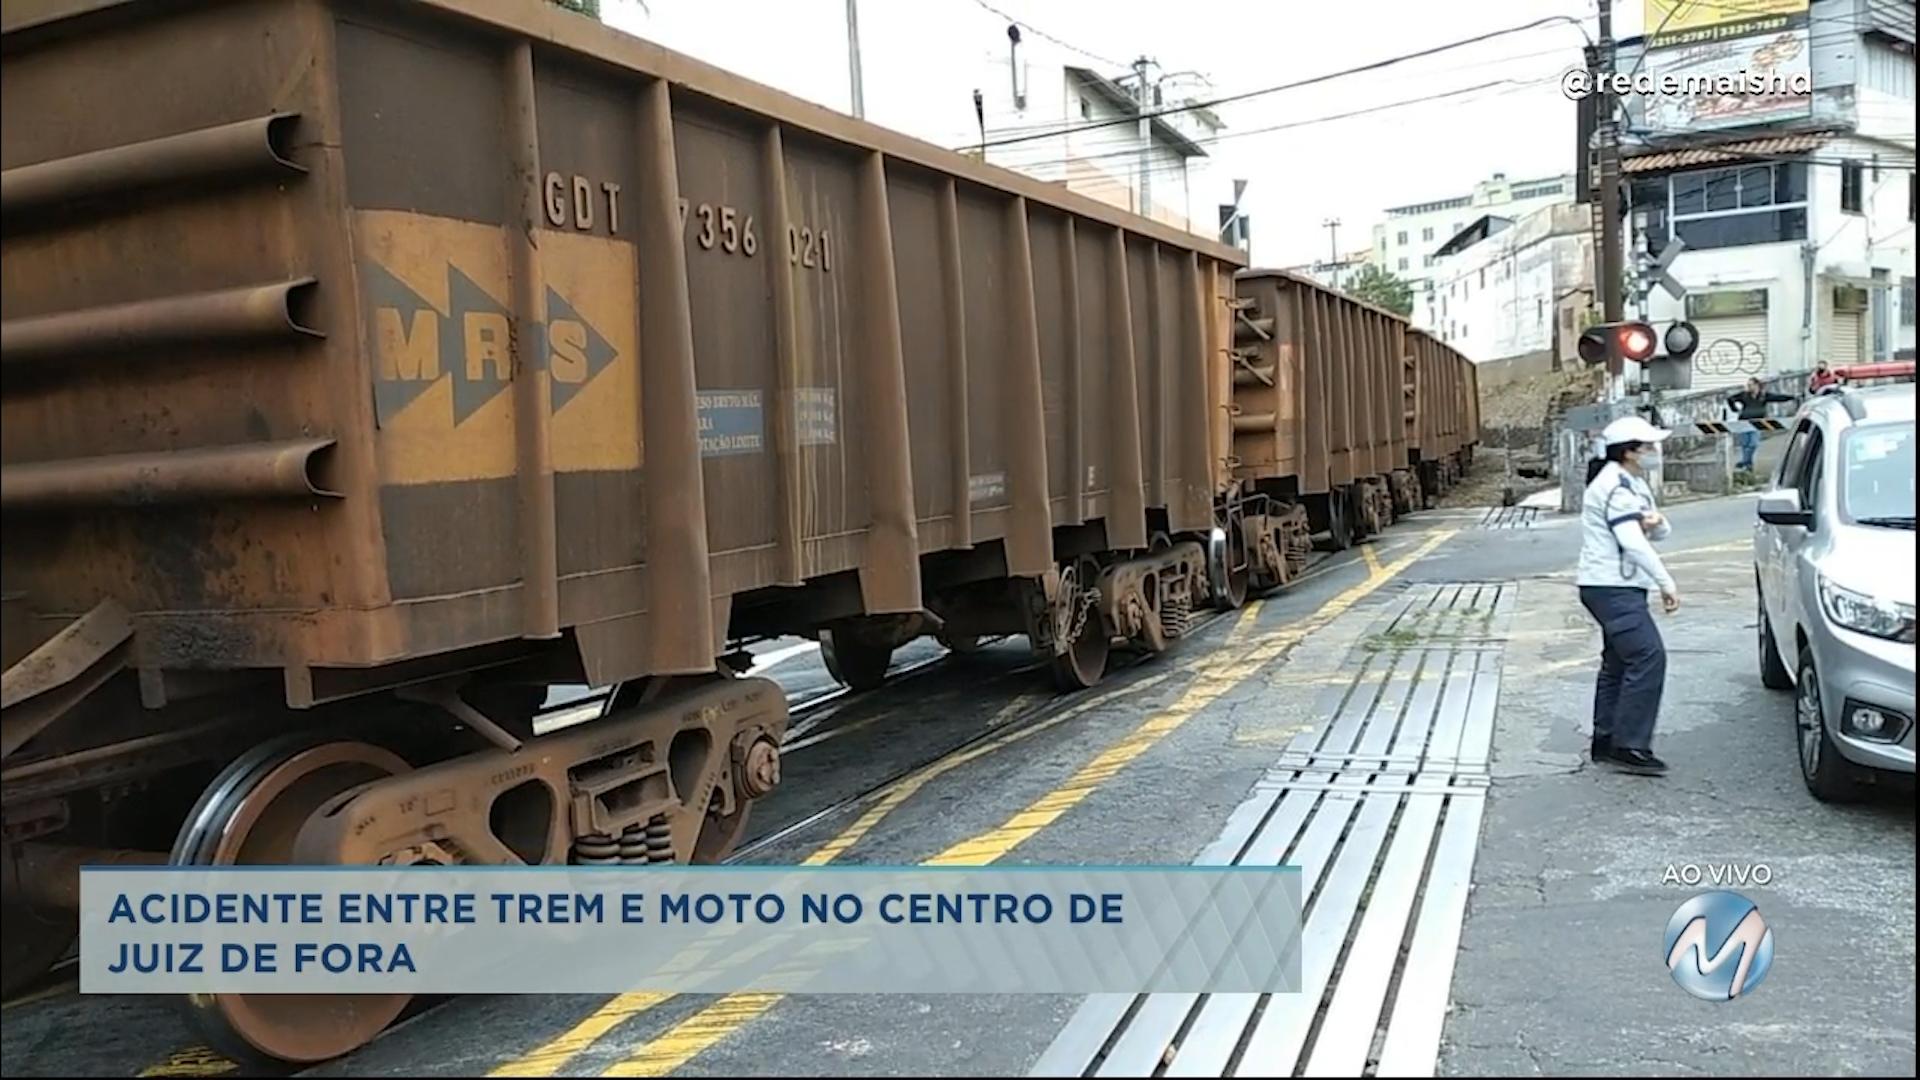 Acidente entre trem e moto é registrado em Juiz de Fora